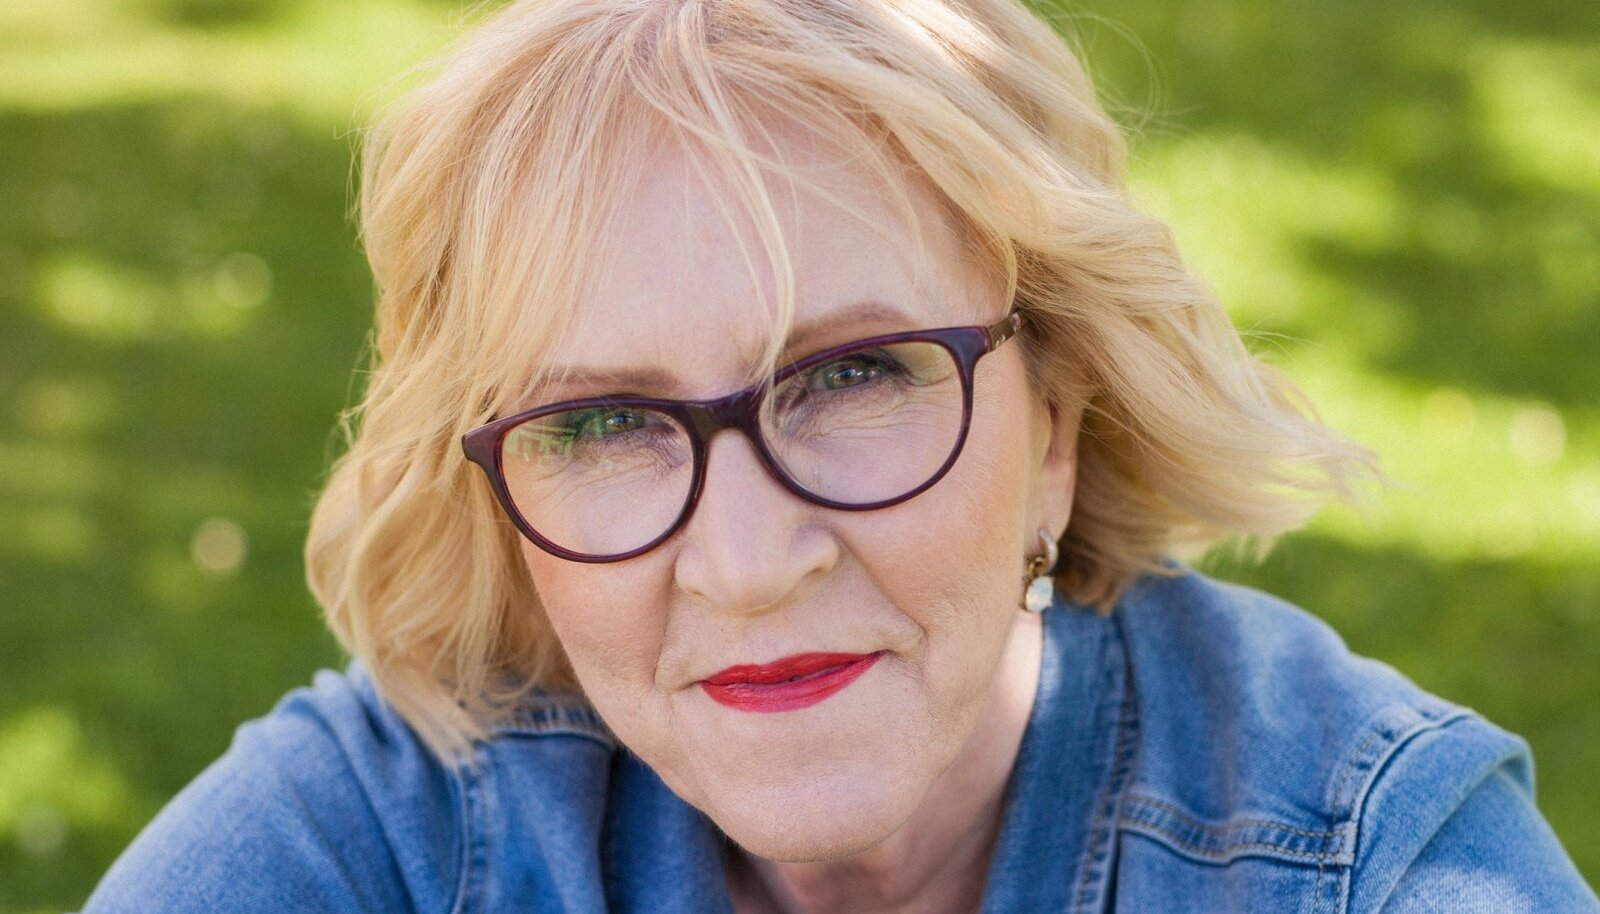 """""""Kui mõni naine otsustab, et talle seksist aitab, siis tuleb seda otsust austada,"""" leiab Rita Holm ."""